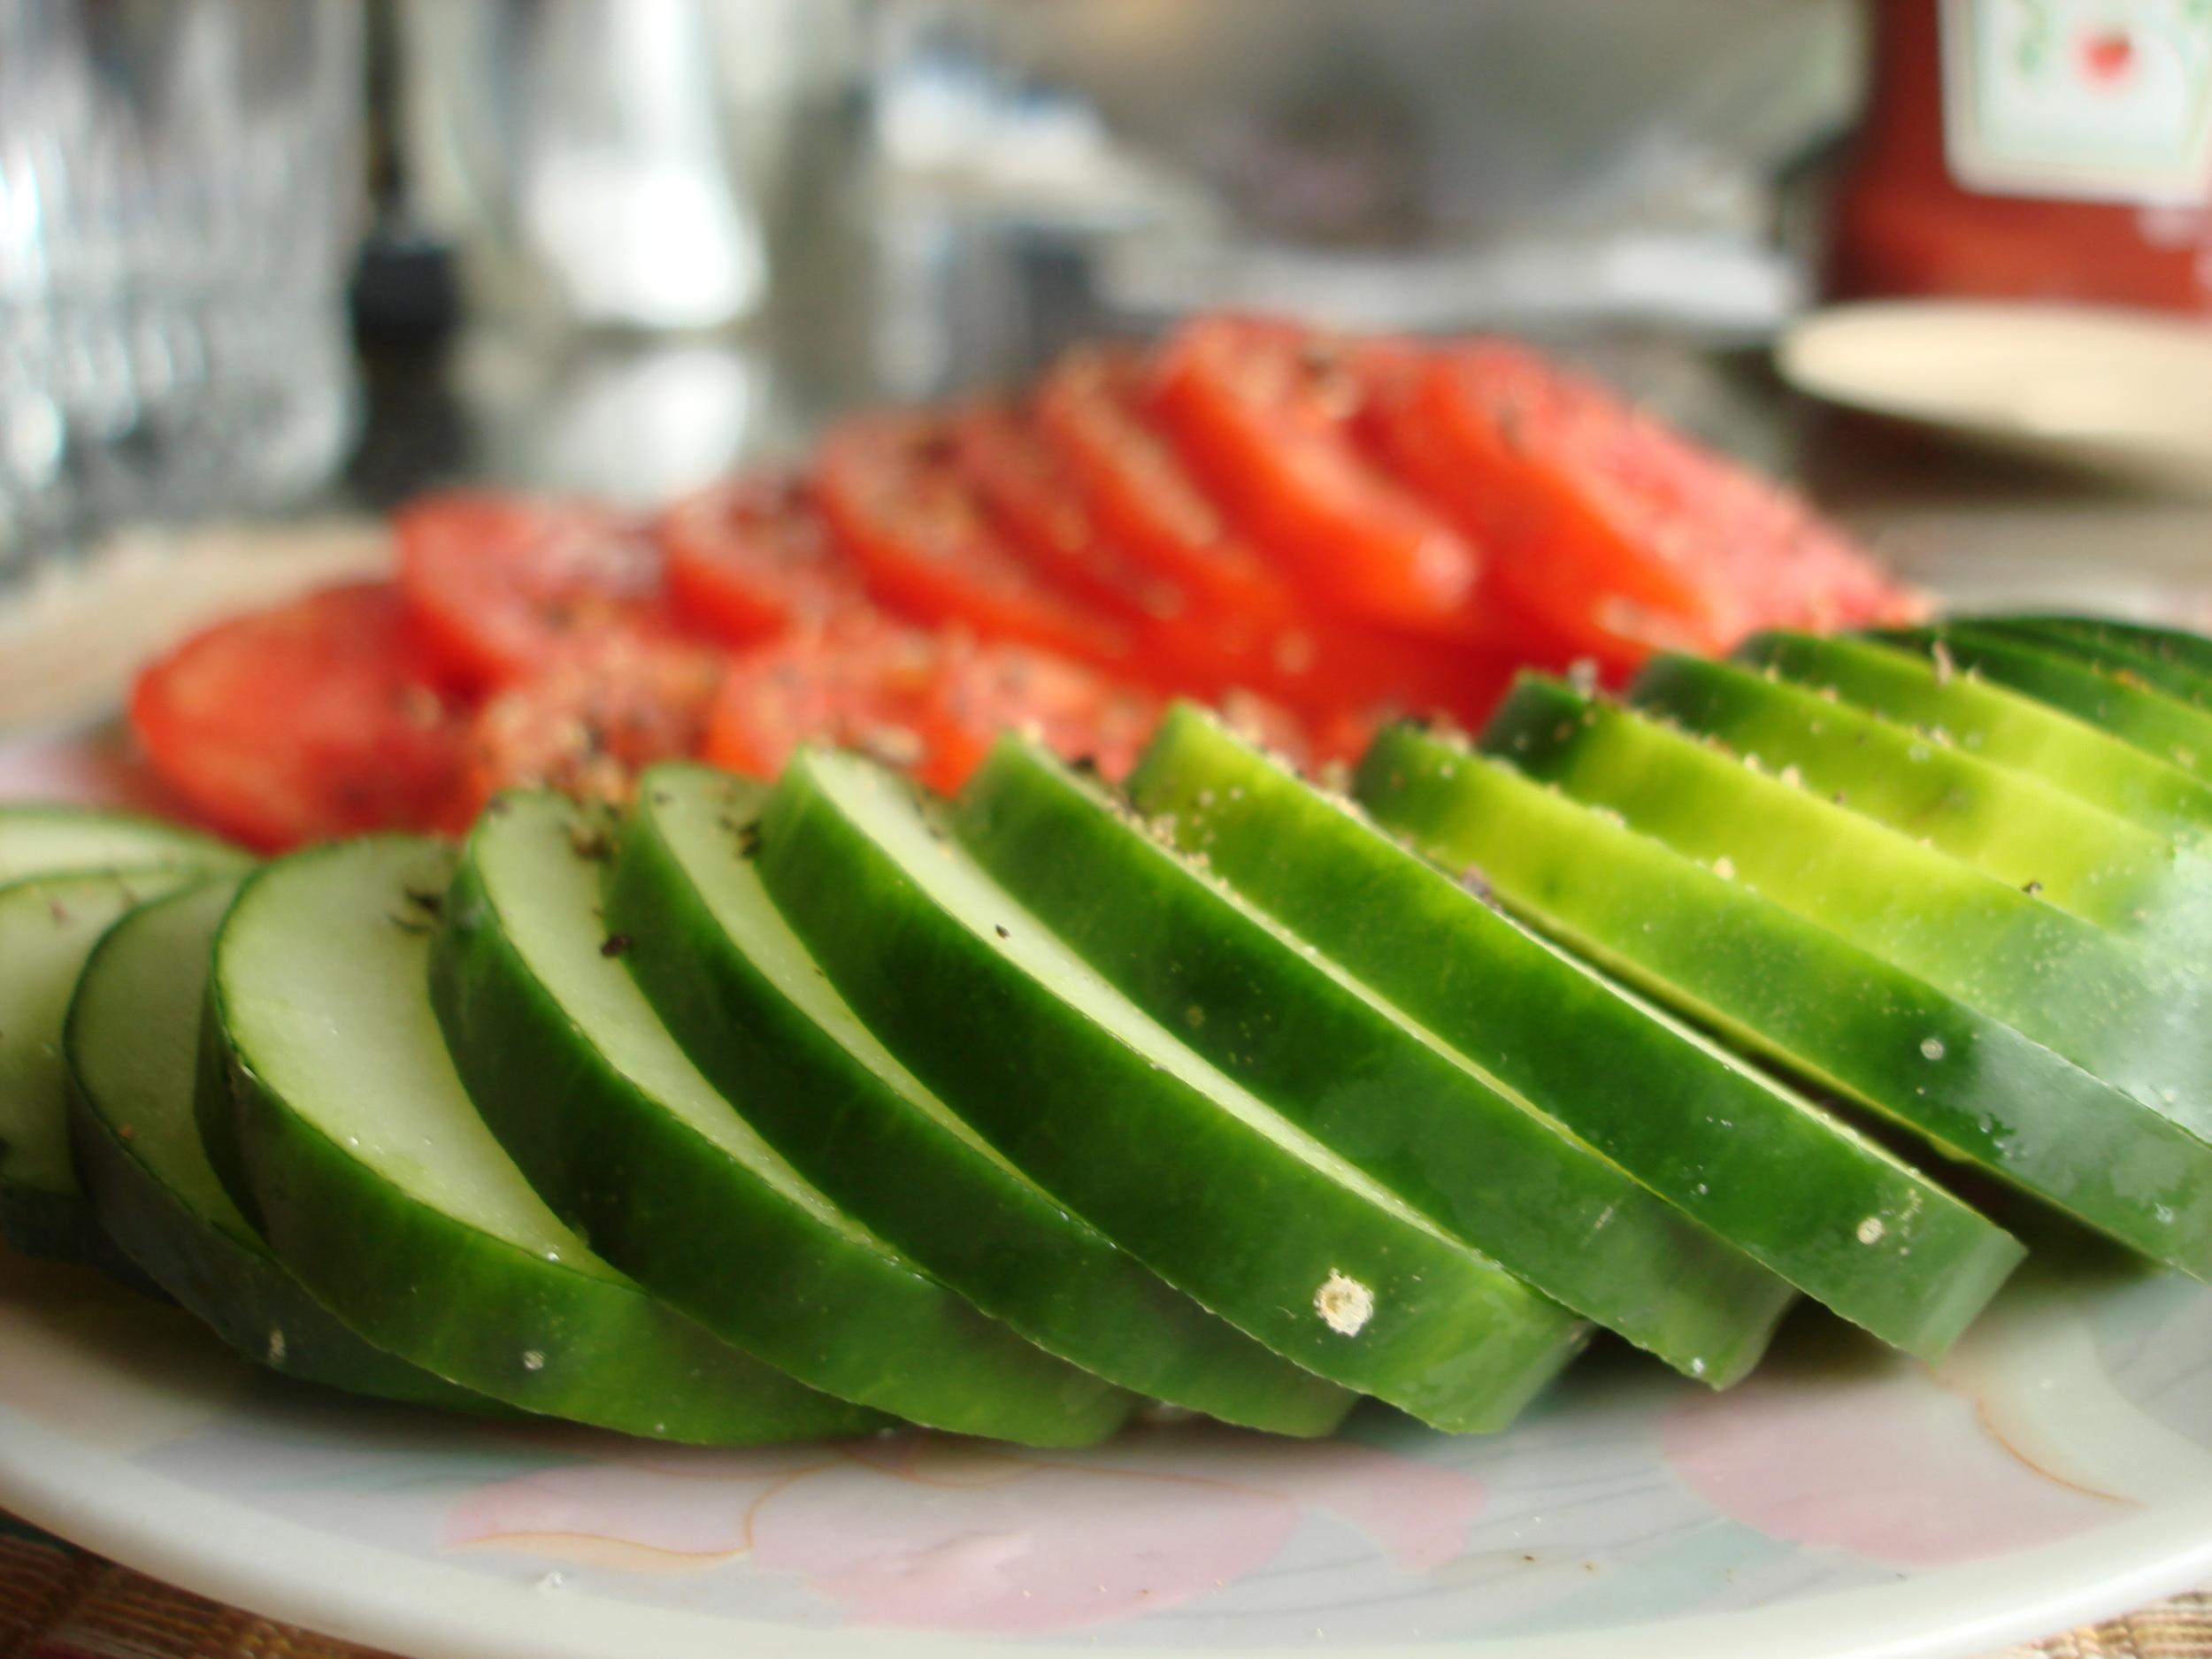 Sliced_cucumbers_and_tomatoes.JPG